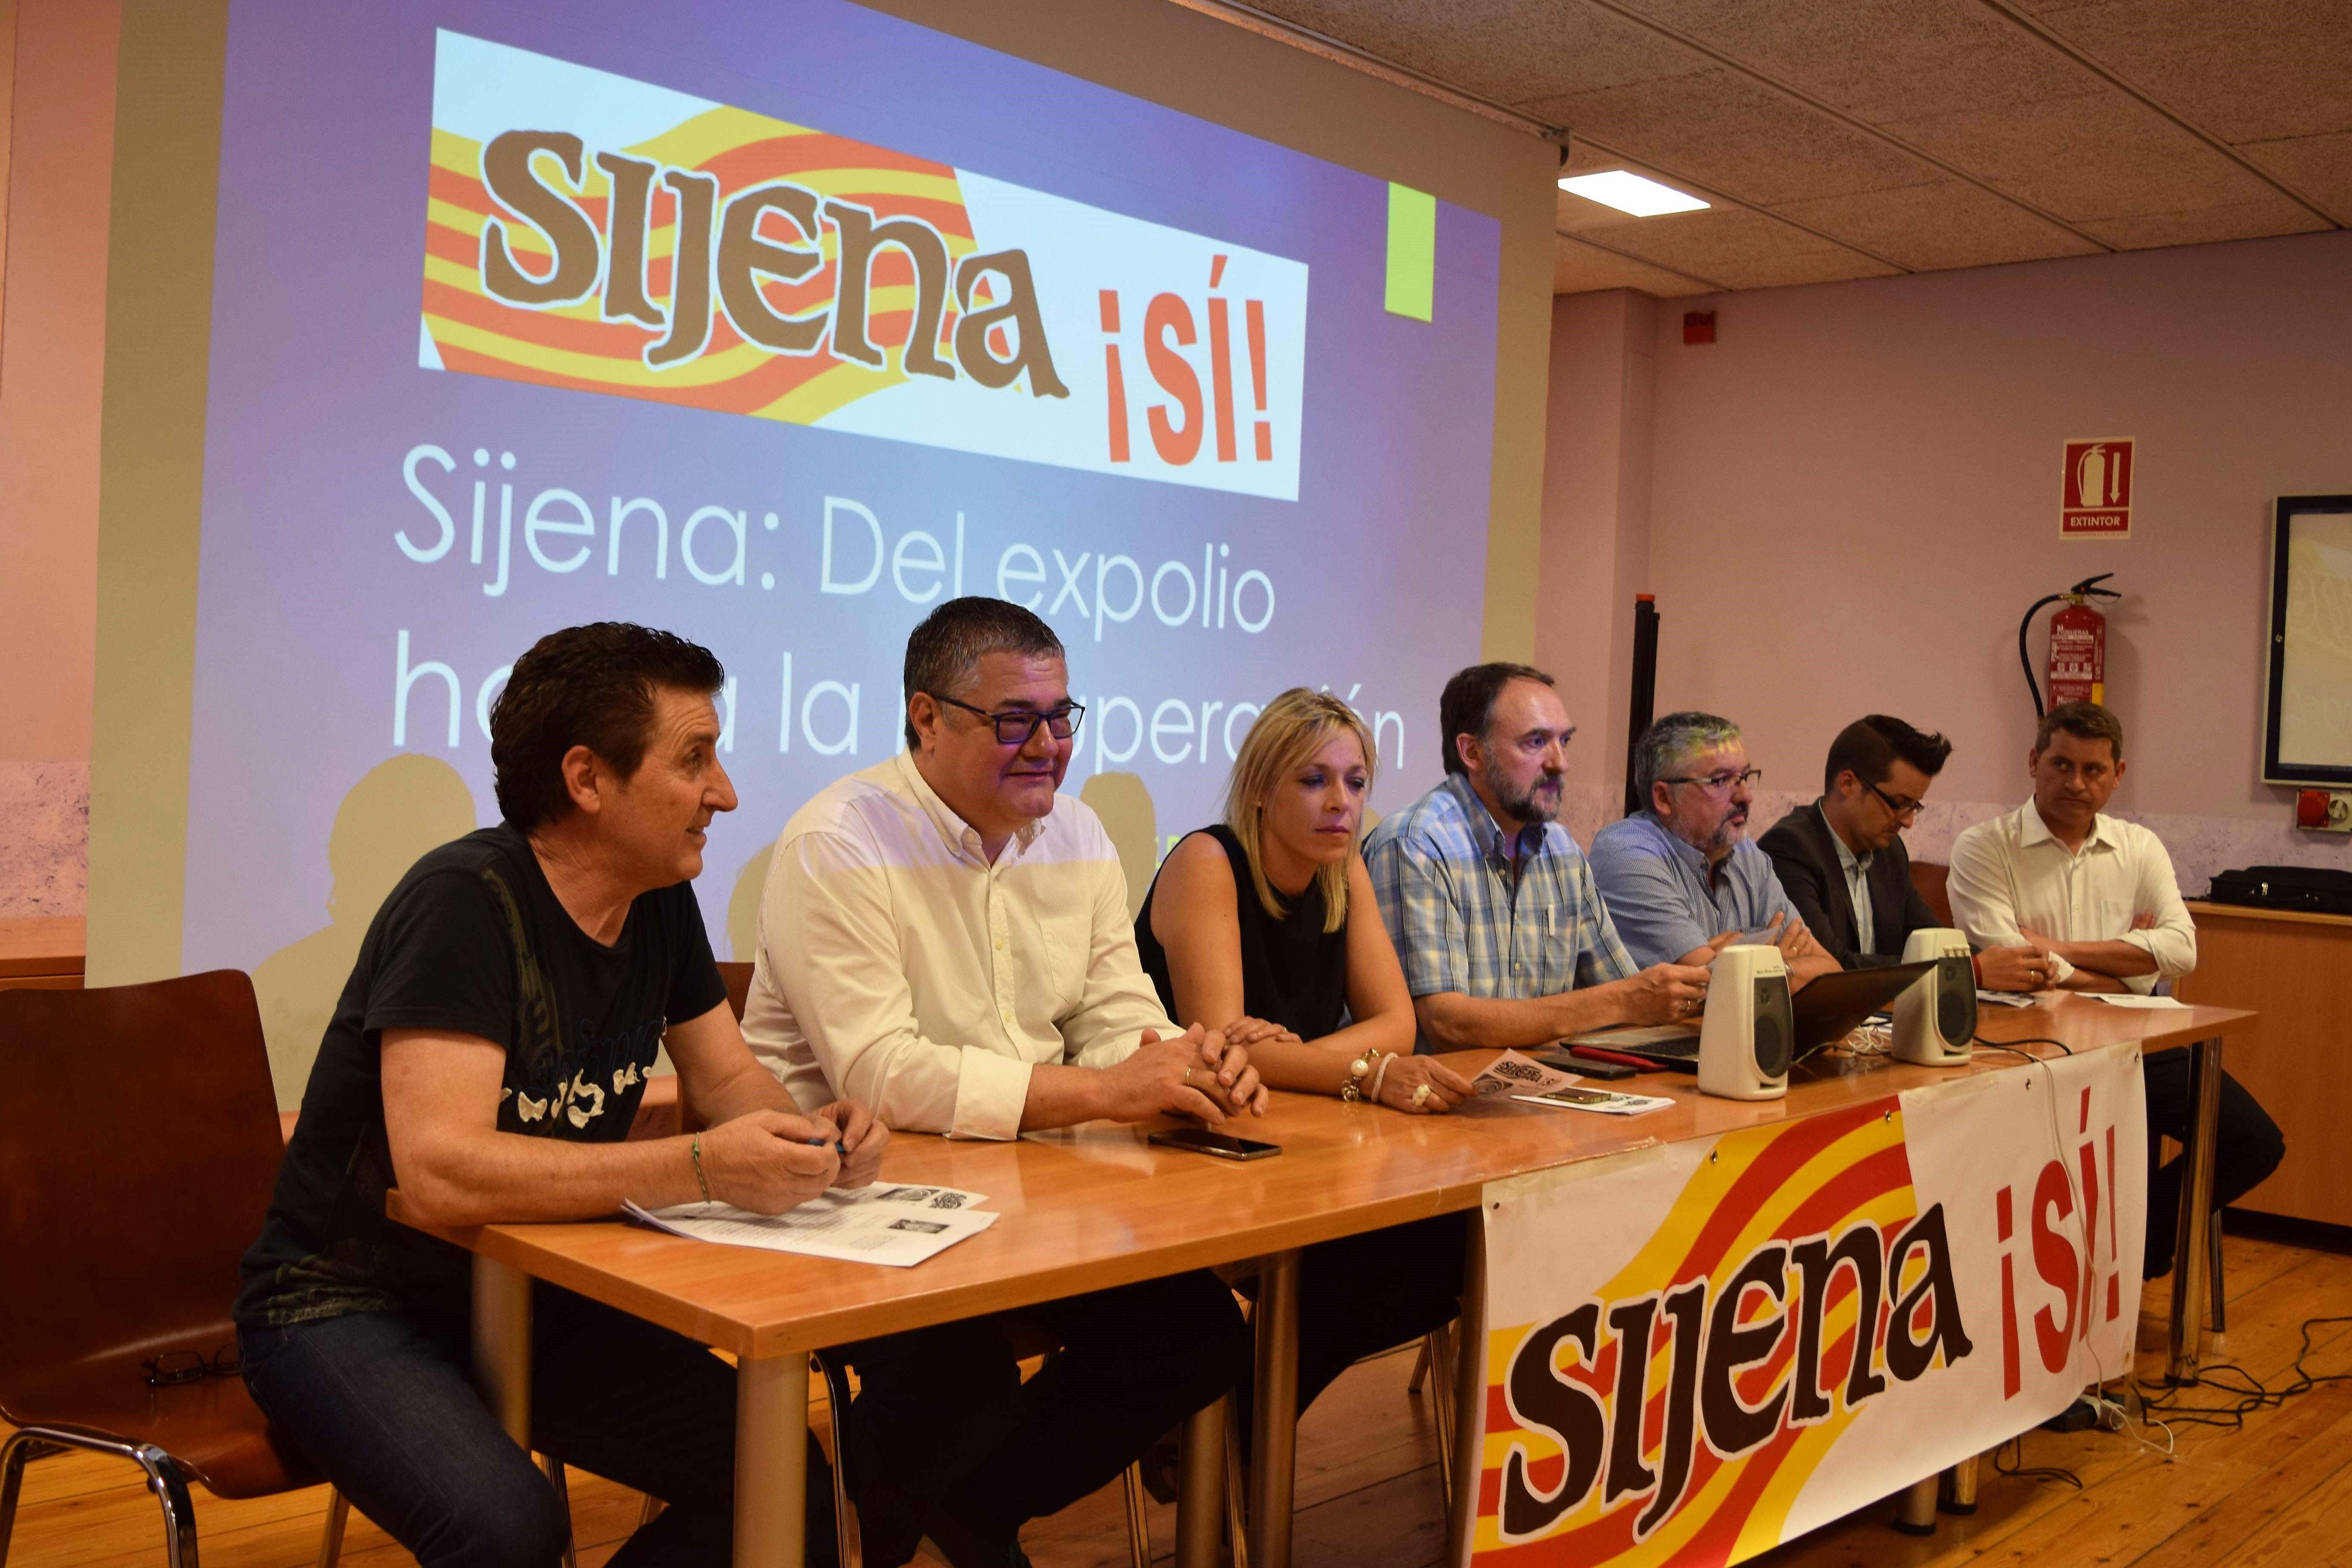 Plataforma Sijena Sí en Huesca 5 de julio de 2017